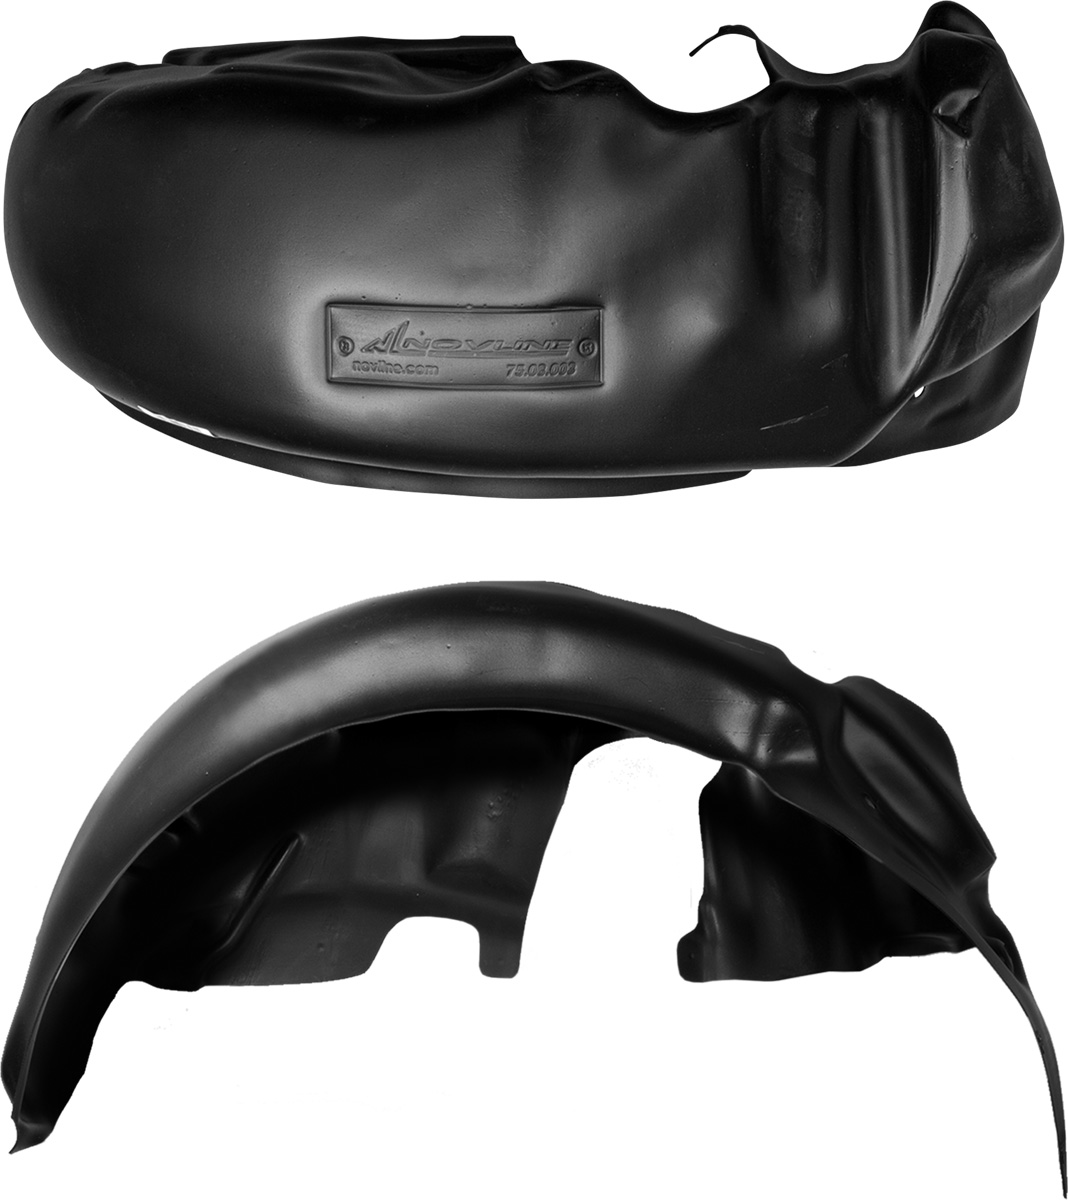 Подкрылок Novline-Autofamily, для RENAULT Logan, 2013, рестайлинг, задний левыйNLL.16.23.004Колесные ниши - одни из самых уязвимых зон днища вашего автомобиля. Они постоянно подвергаются воздействию со стороны дороги. Лучшая, почти абсолютная защита для них - специально отформованные пластиковые кожухи, которые называются подкрылками. Производятся они как для отечественных моделей автомобилей, так и для иномарок. Подкрылки Novline-Autofamily выполнены из высококачественного, экологически чистого пластика. Обеспечивают надежную защиту кузова автомобиля от пескоструйного эффекта и негативного влияния, агрессивных антигололедных реагентов. Пластик обладает более низкой теплопроводностью, чем металл, поэтому в зимний период эксплуатации использование пластиковых подкрылков позволяет лучше защитить колесные ниши от налипания снега и образования наледи. Оригинальность конструкции подчеркивает элегантность автомобиля, бережно защищает нанесенное на днище кузова антикоррозийное покрытие и позволяет осуществить крепление подкрылков внутри колесной арки практически без дополнительного крепежа и сверления, не нарушая при этом лакокрасочного покрытия, что предотвращает возникновение новых очагов коррозии. Подкрылки долговечны, обладают высокой прочностью и сохраняют заданную форму, а также все свои физико-механические характеристики в самых тяжелых климатических условиях (от -50°С до +50°С).Уважаемые клиенты!Обращаем ваше внимание, на тот факт, что подкрылок имеет форму, соответствующую модели данного автомобиля. Фото служит для визуального восприятия товара.